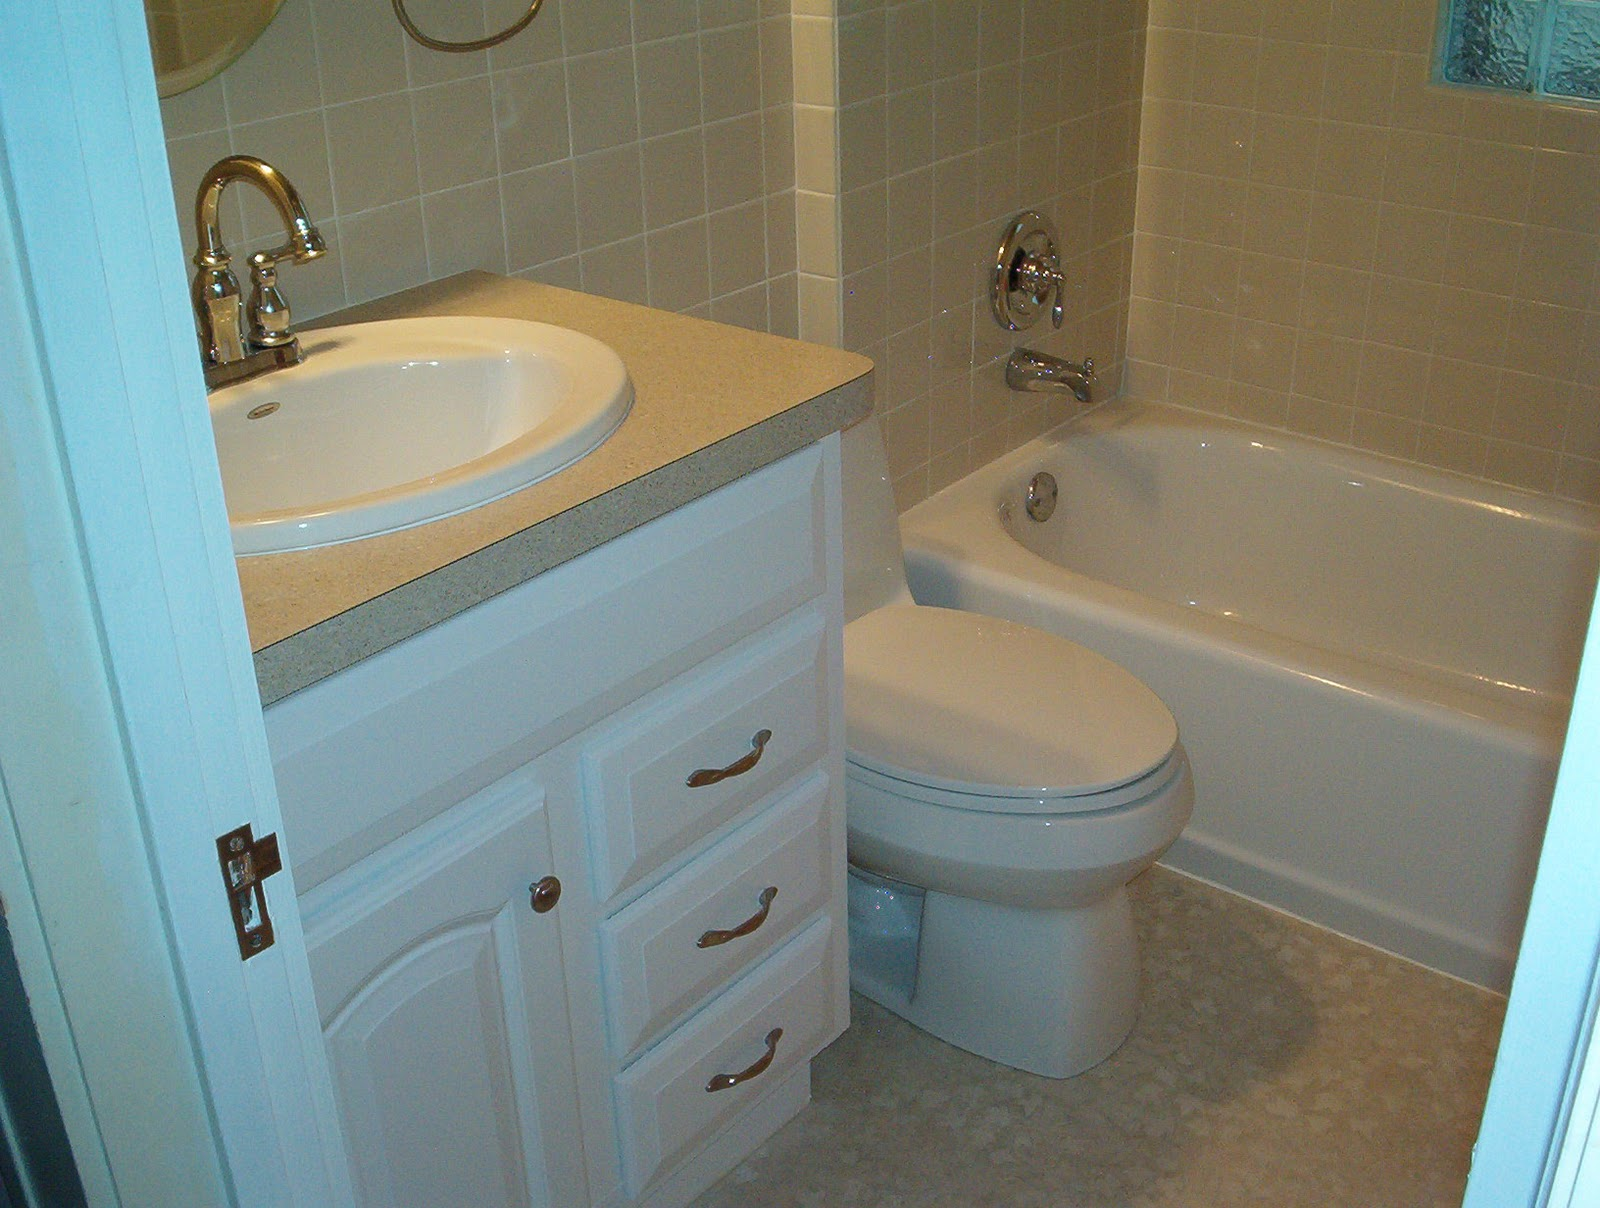 Дизайн ванной комнаты очень маленького размера 6